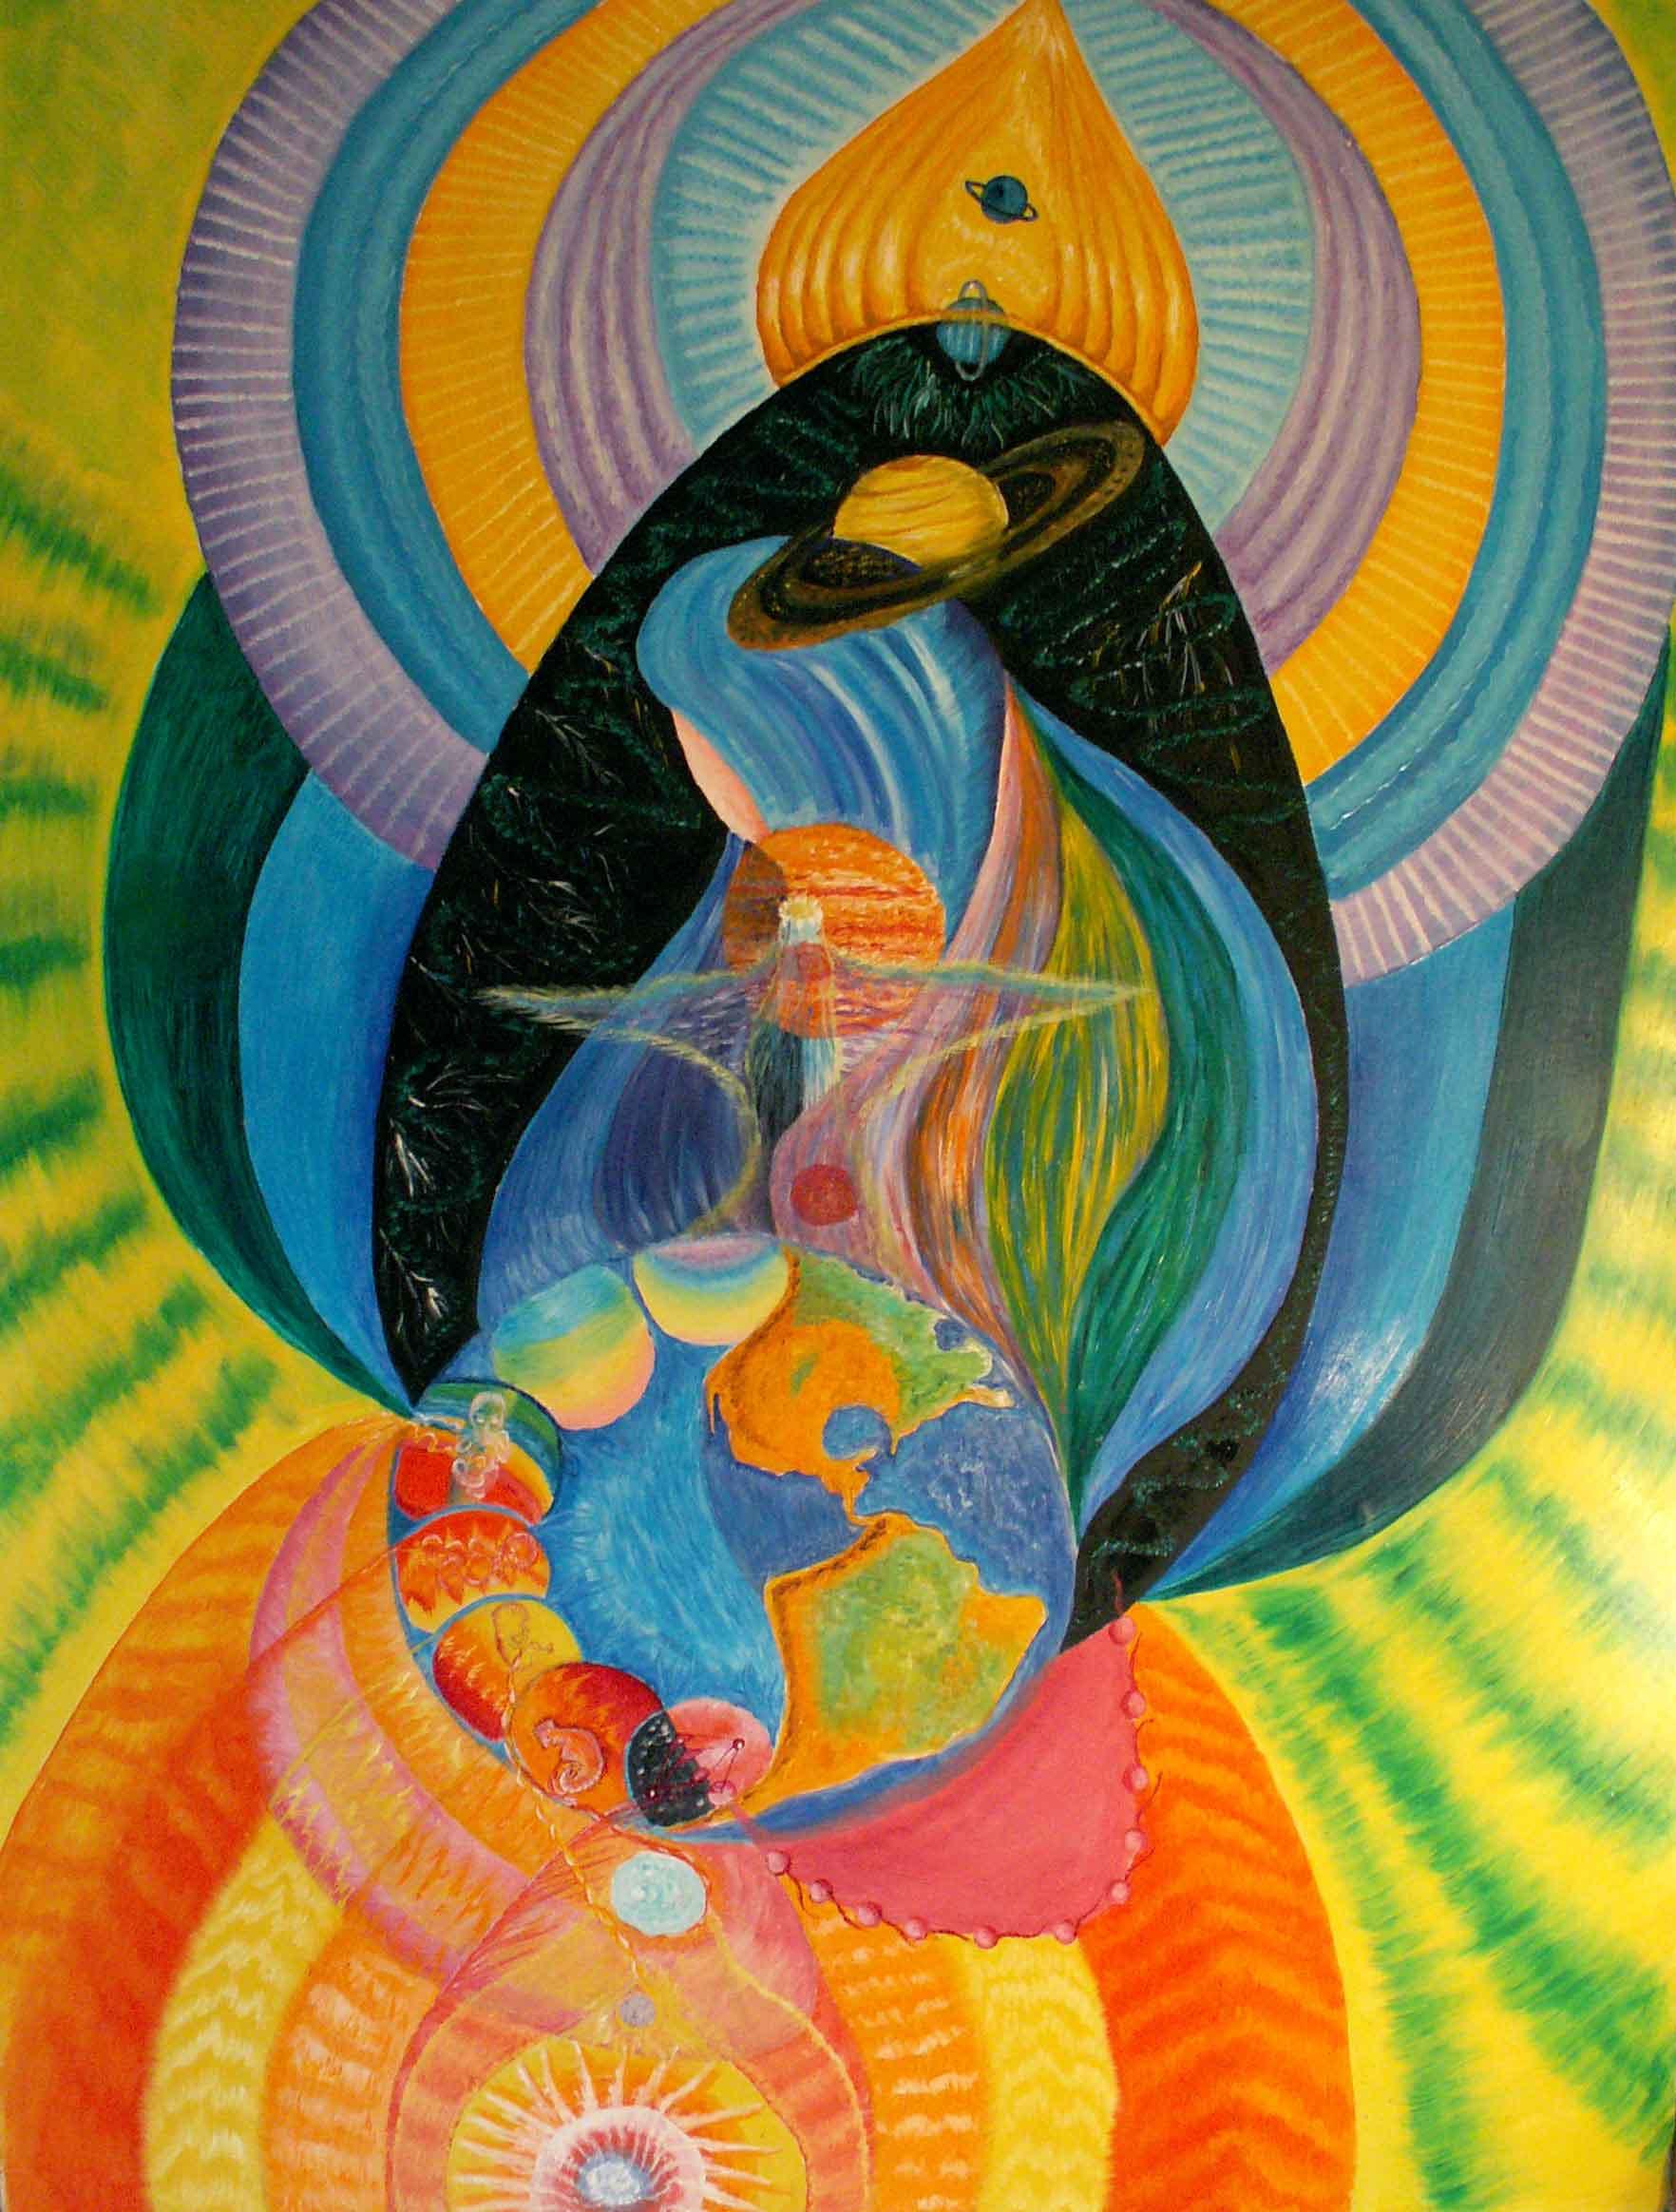 эзотерическая живопись, картины, Небесная Нить, Пальковская-Чабанюк, Эмбриональное сердцебиение младенца Земли на стадии перехода к Шестому этапу его развития